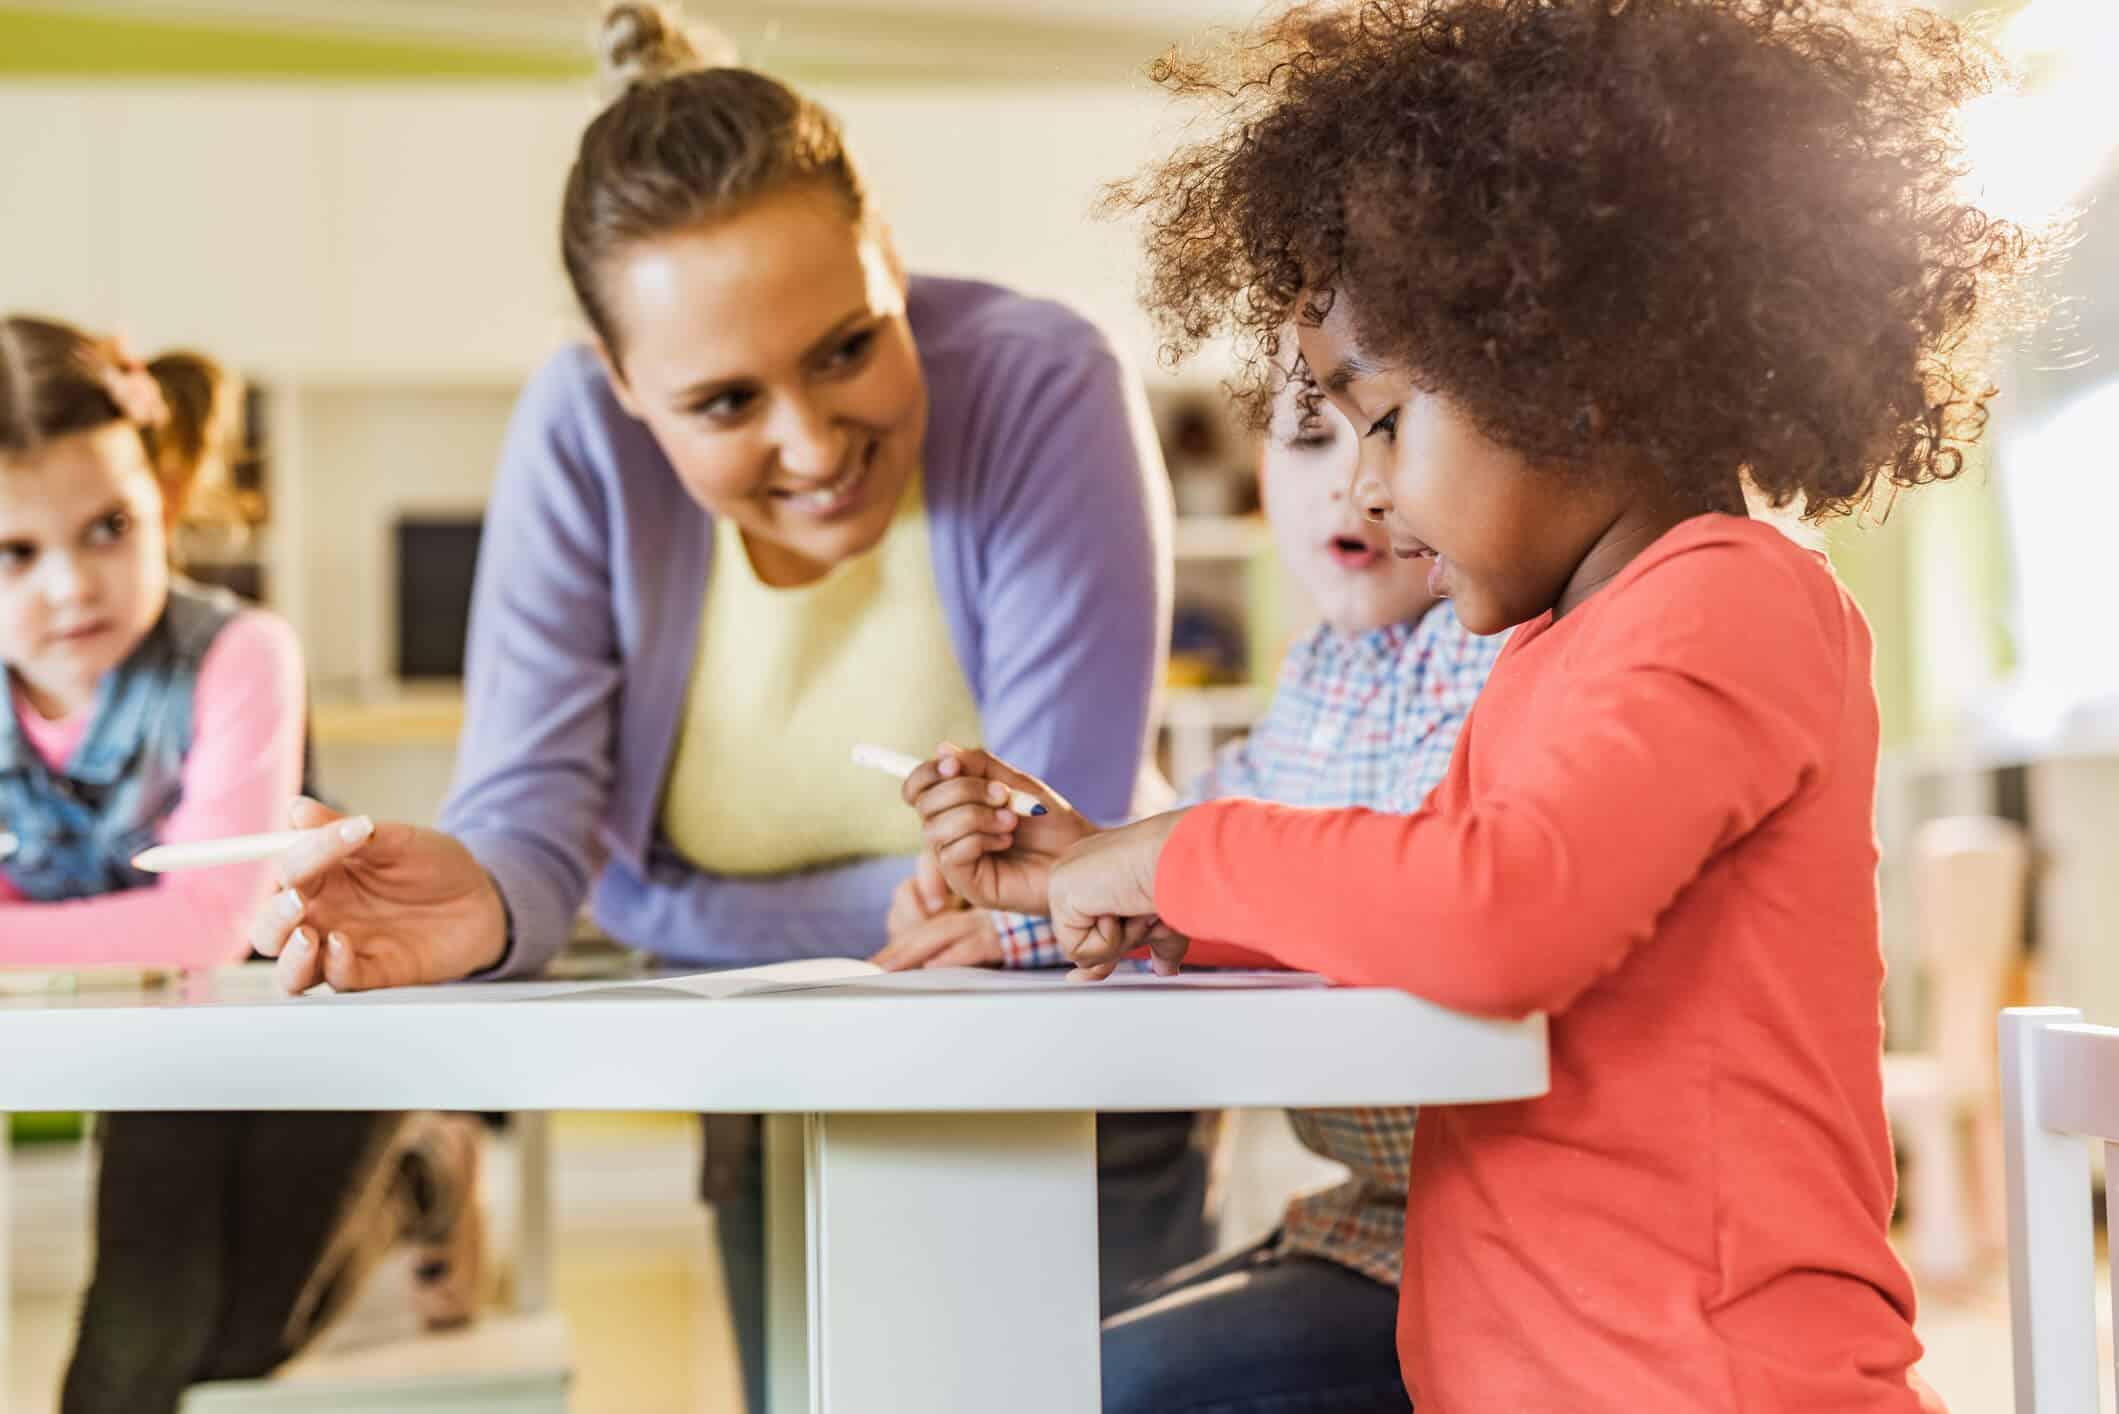 Mulher observando enquanto criança escreve | Saiba mais sobre o curso de cuidador infantil e quando fazê-lo!